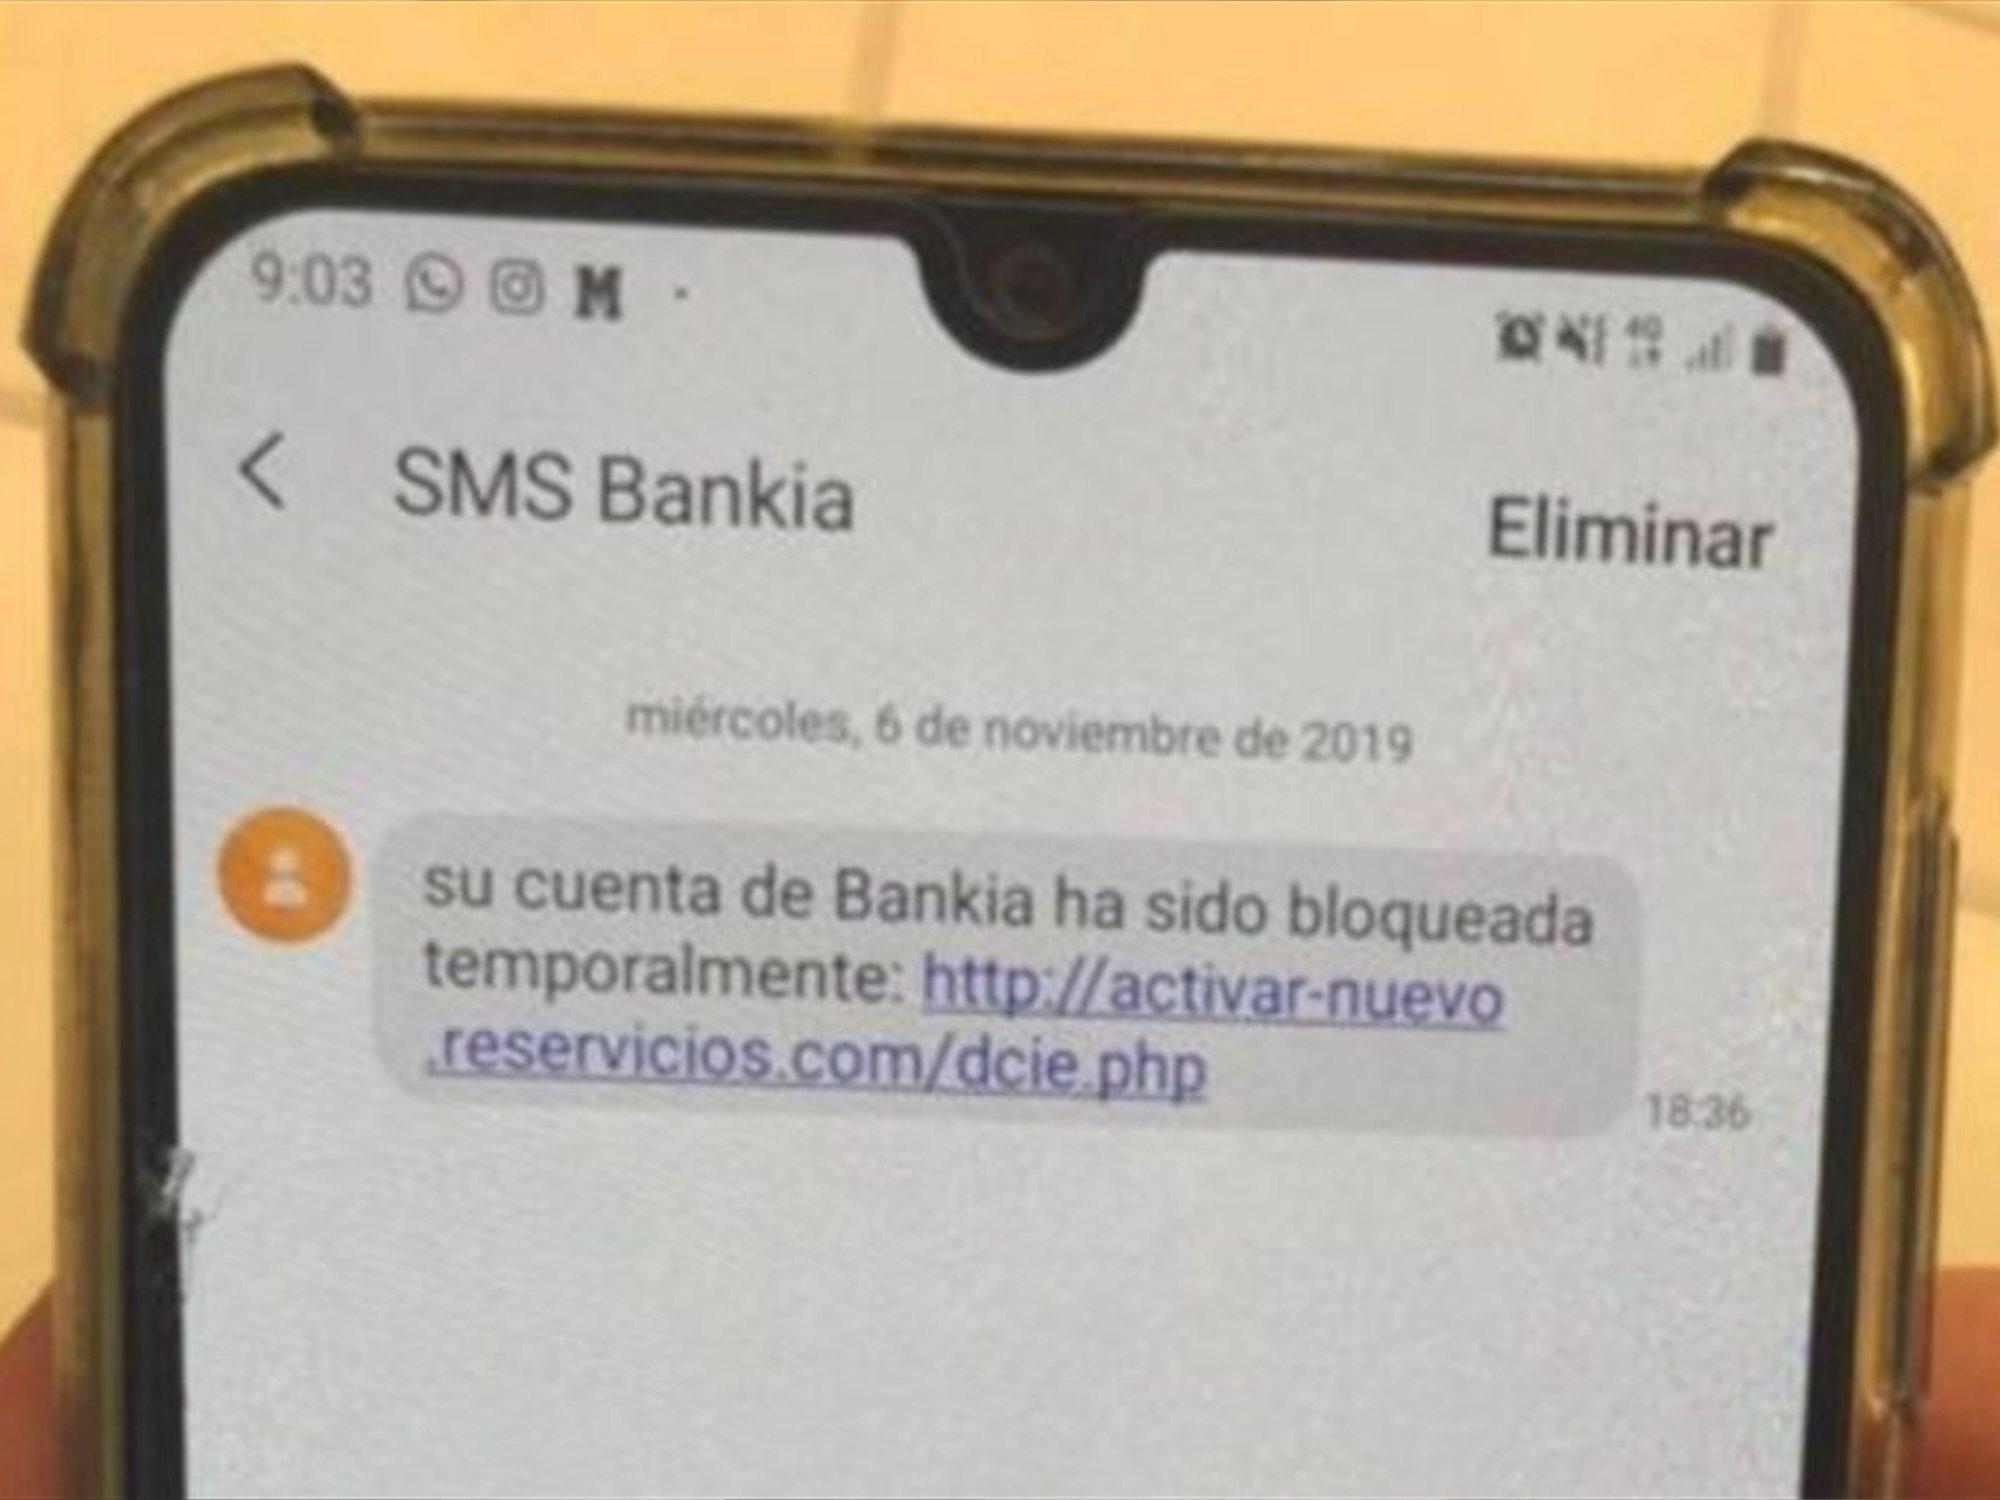 No abras este SMS de Bankia: se trata de una estafa que vacía las cuentas y roba tus datos